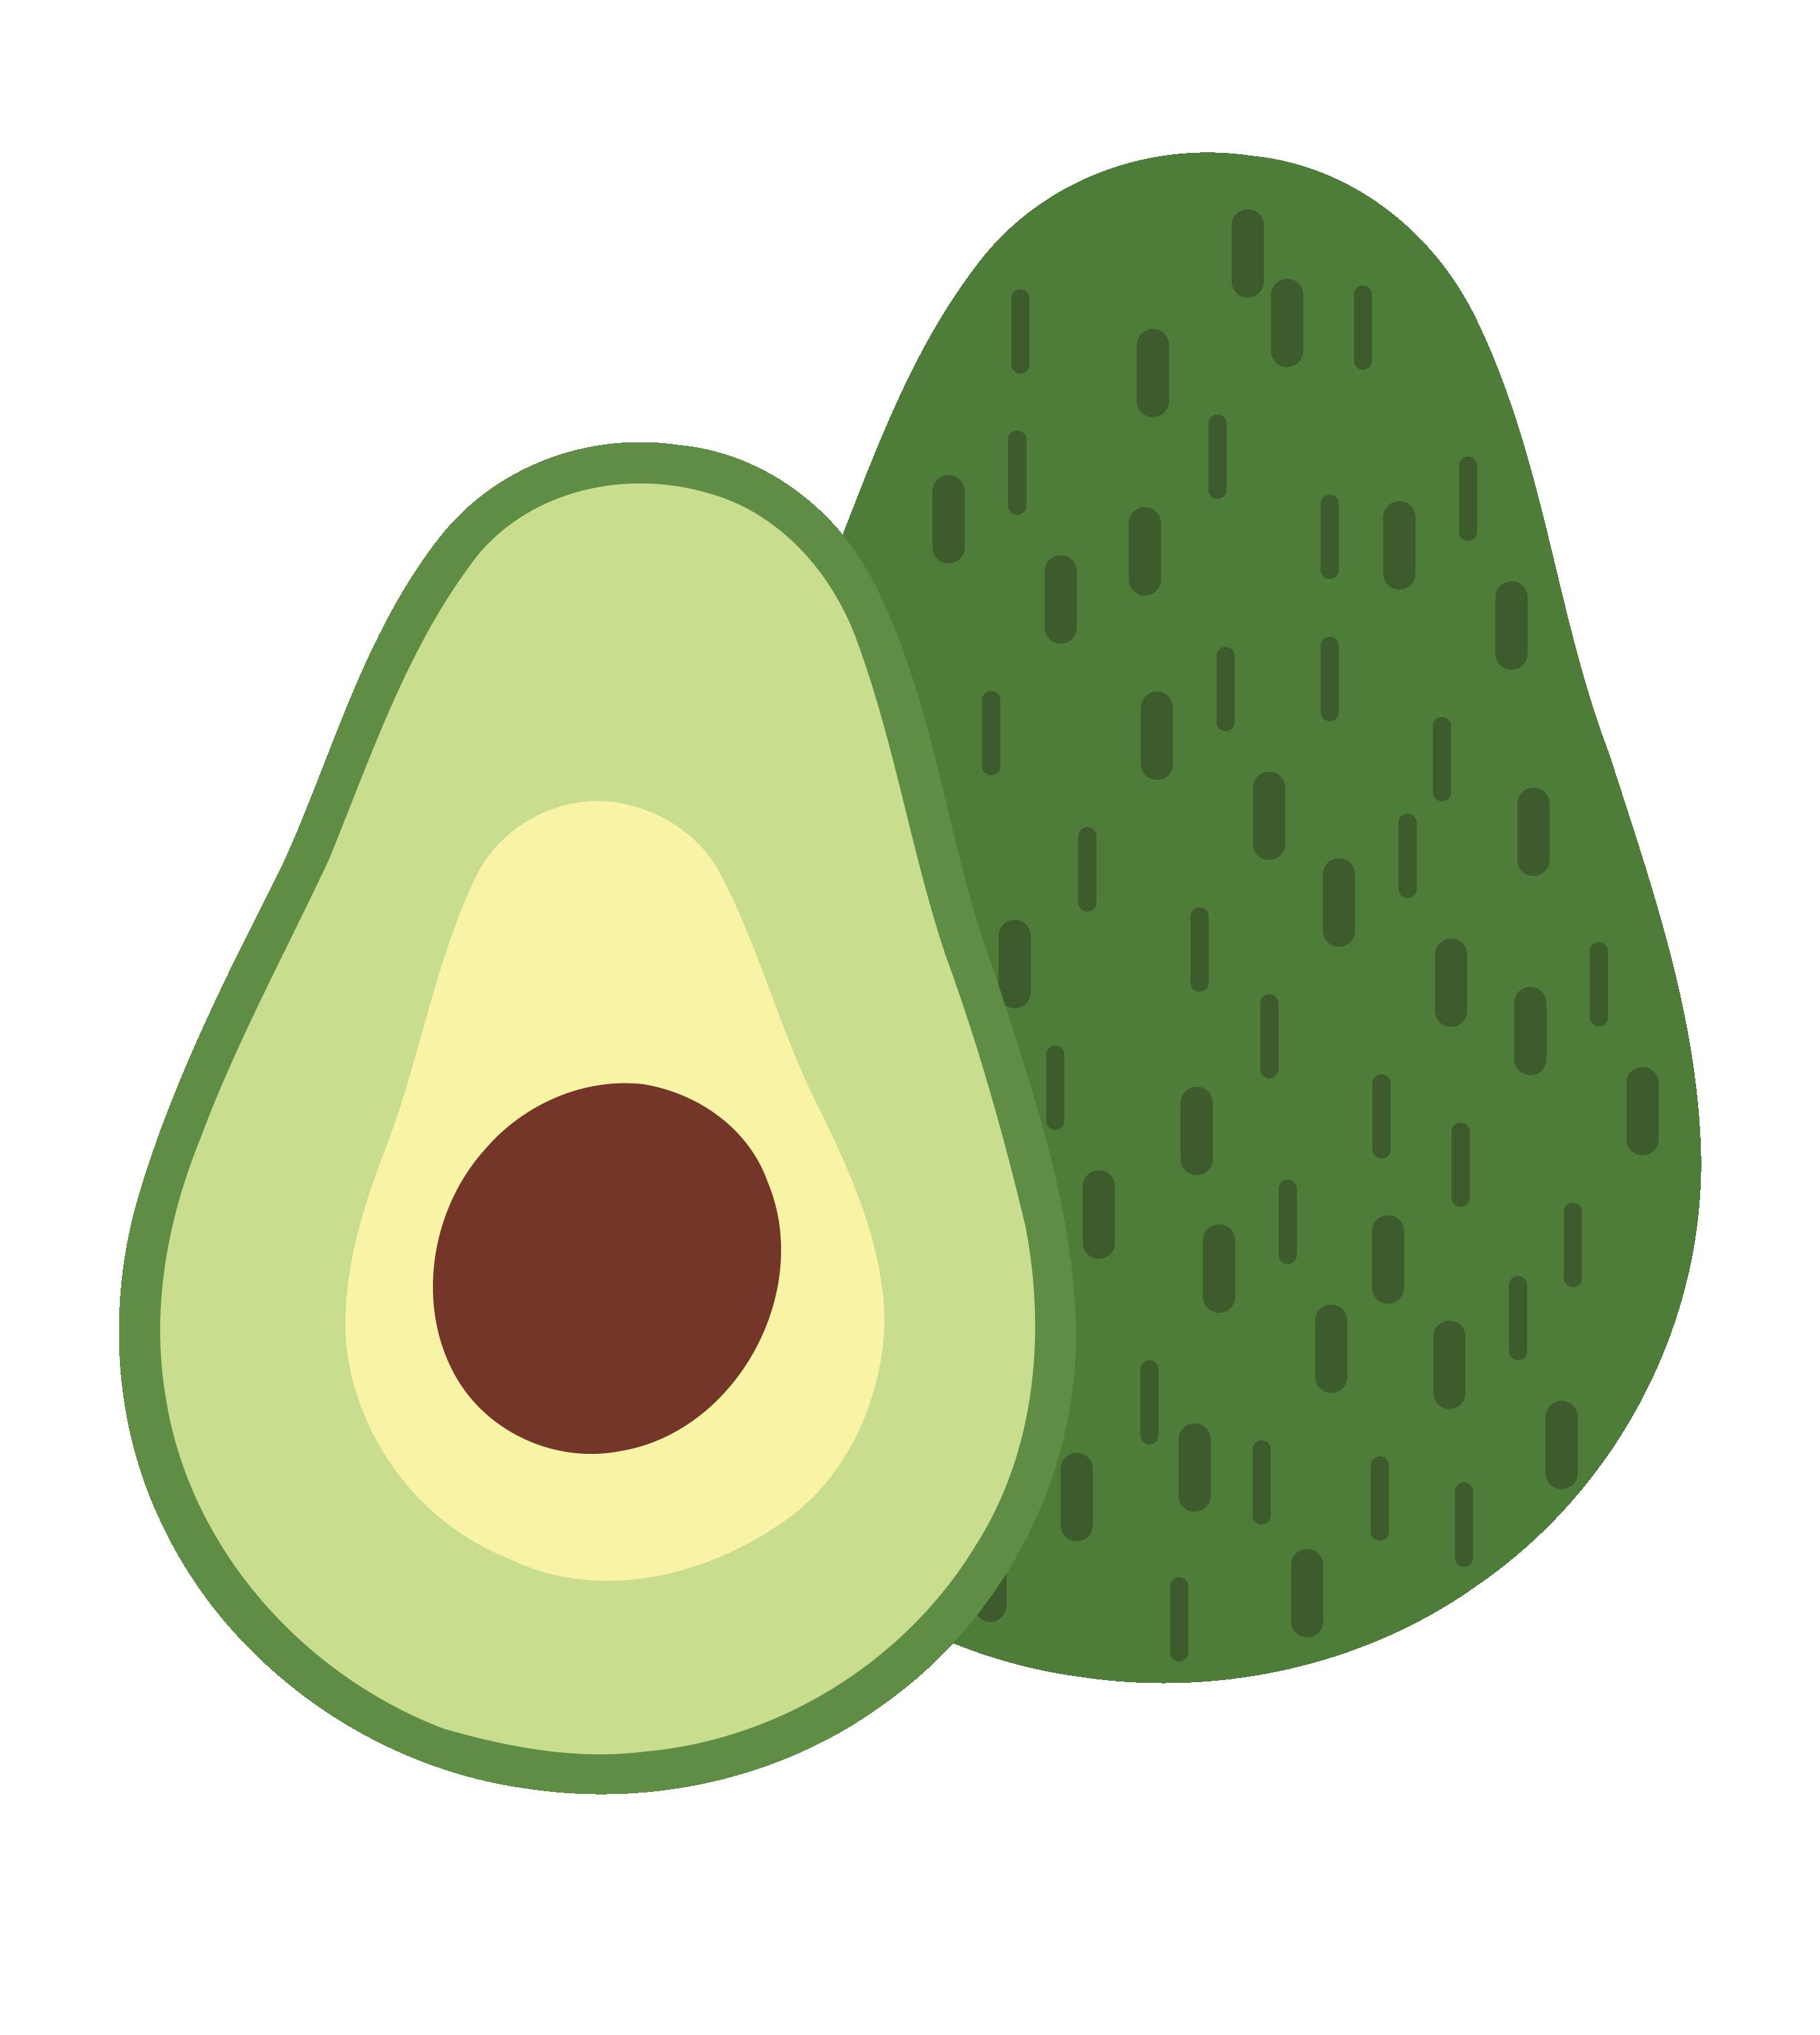 Avocado vector clipart.